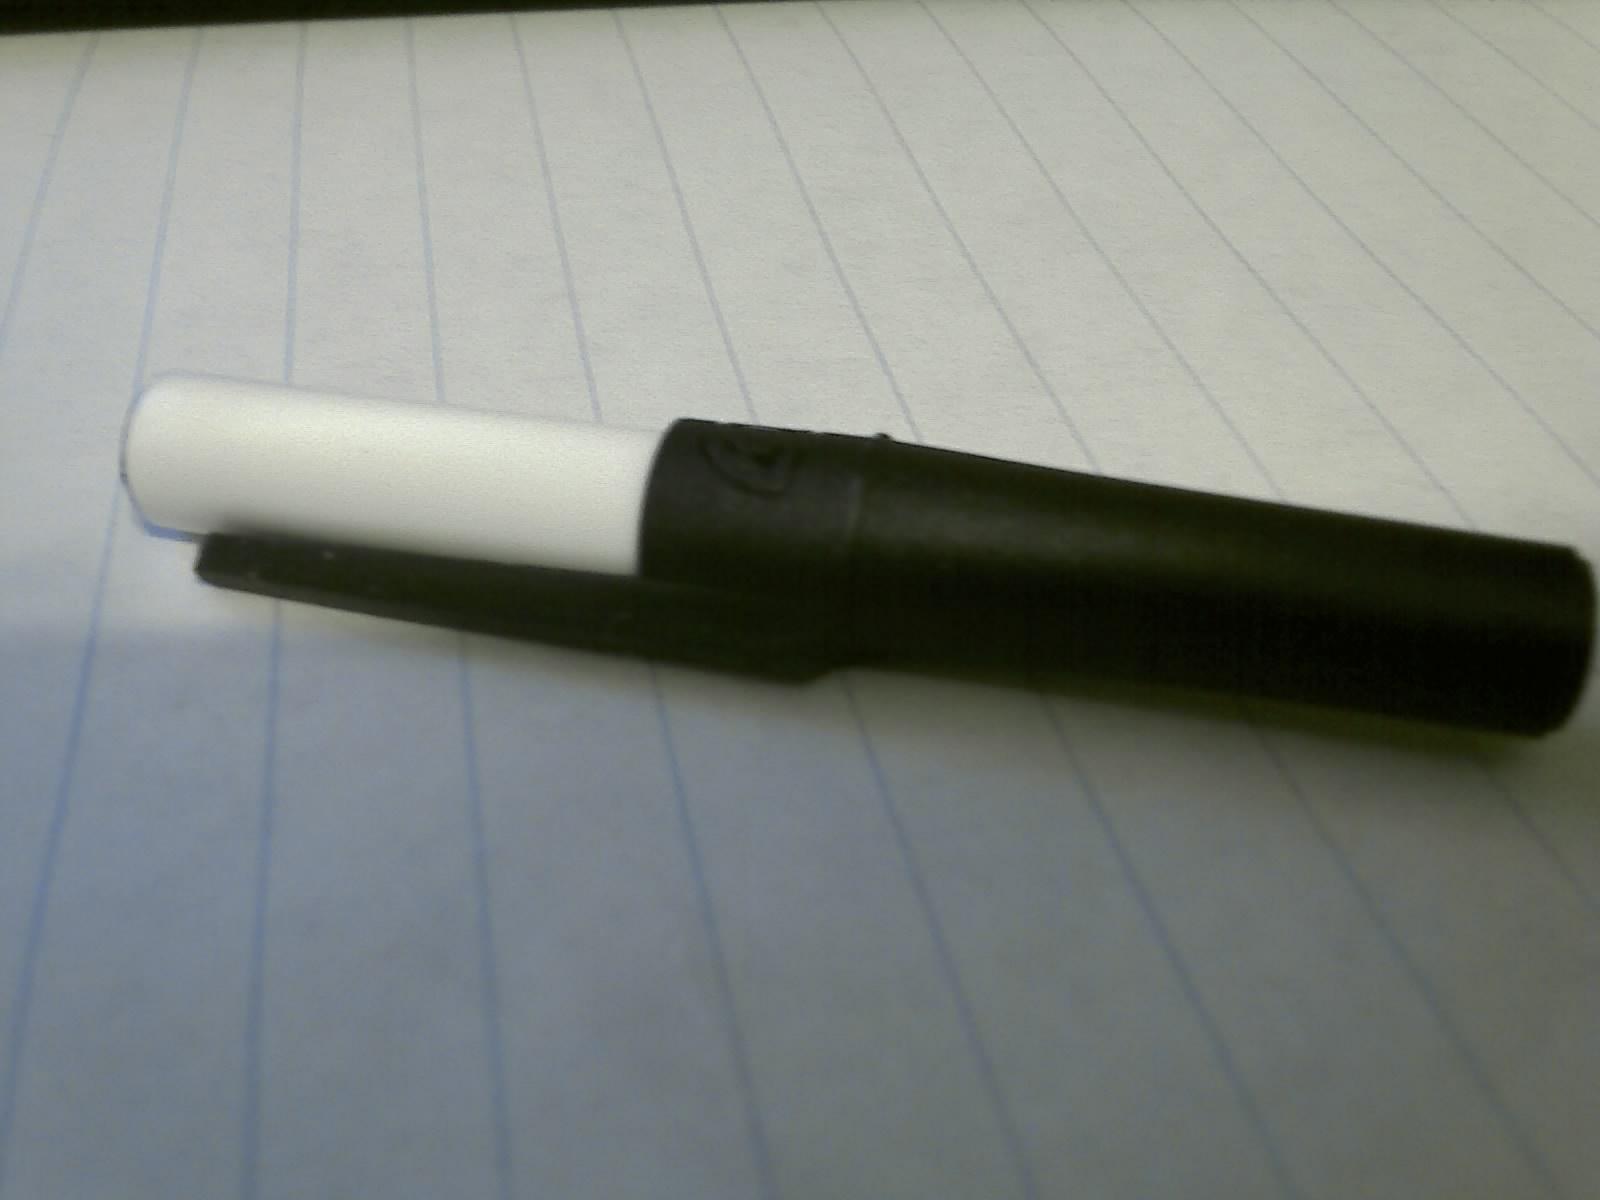 Make a Mini Bic Pen